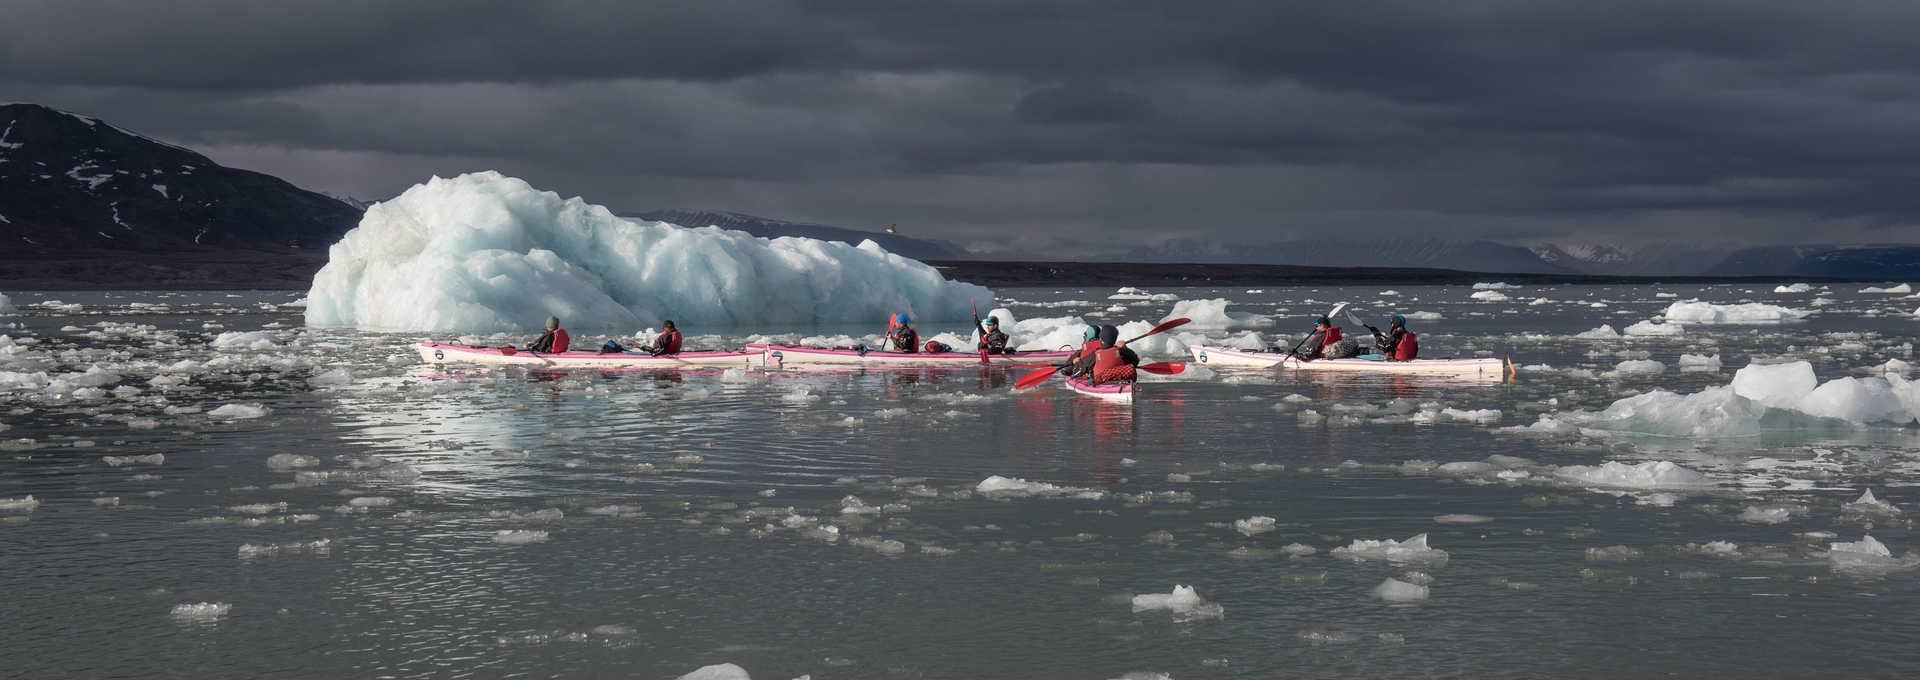 Kayak 5 glaciers, Svalbard